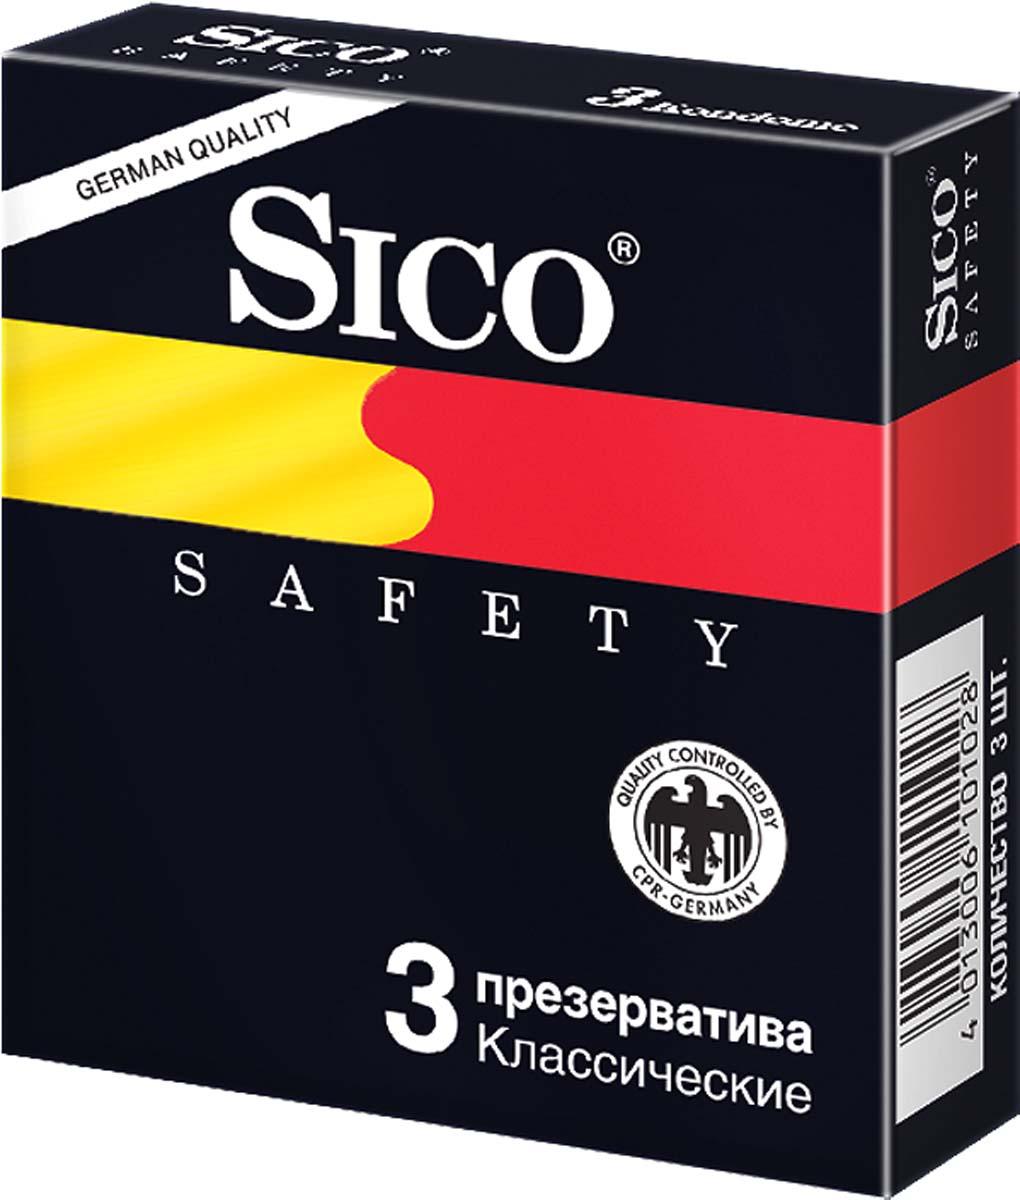 SICO Презервативы Safety, классические, 3 шт bdsm арсенал стек черный с шлепком в форме сердца